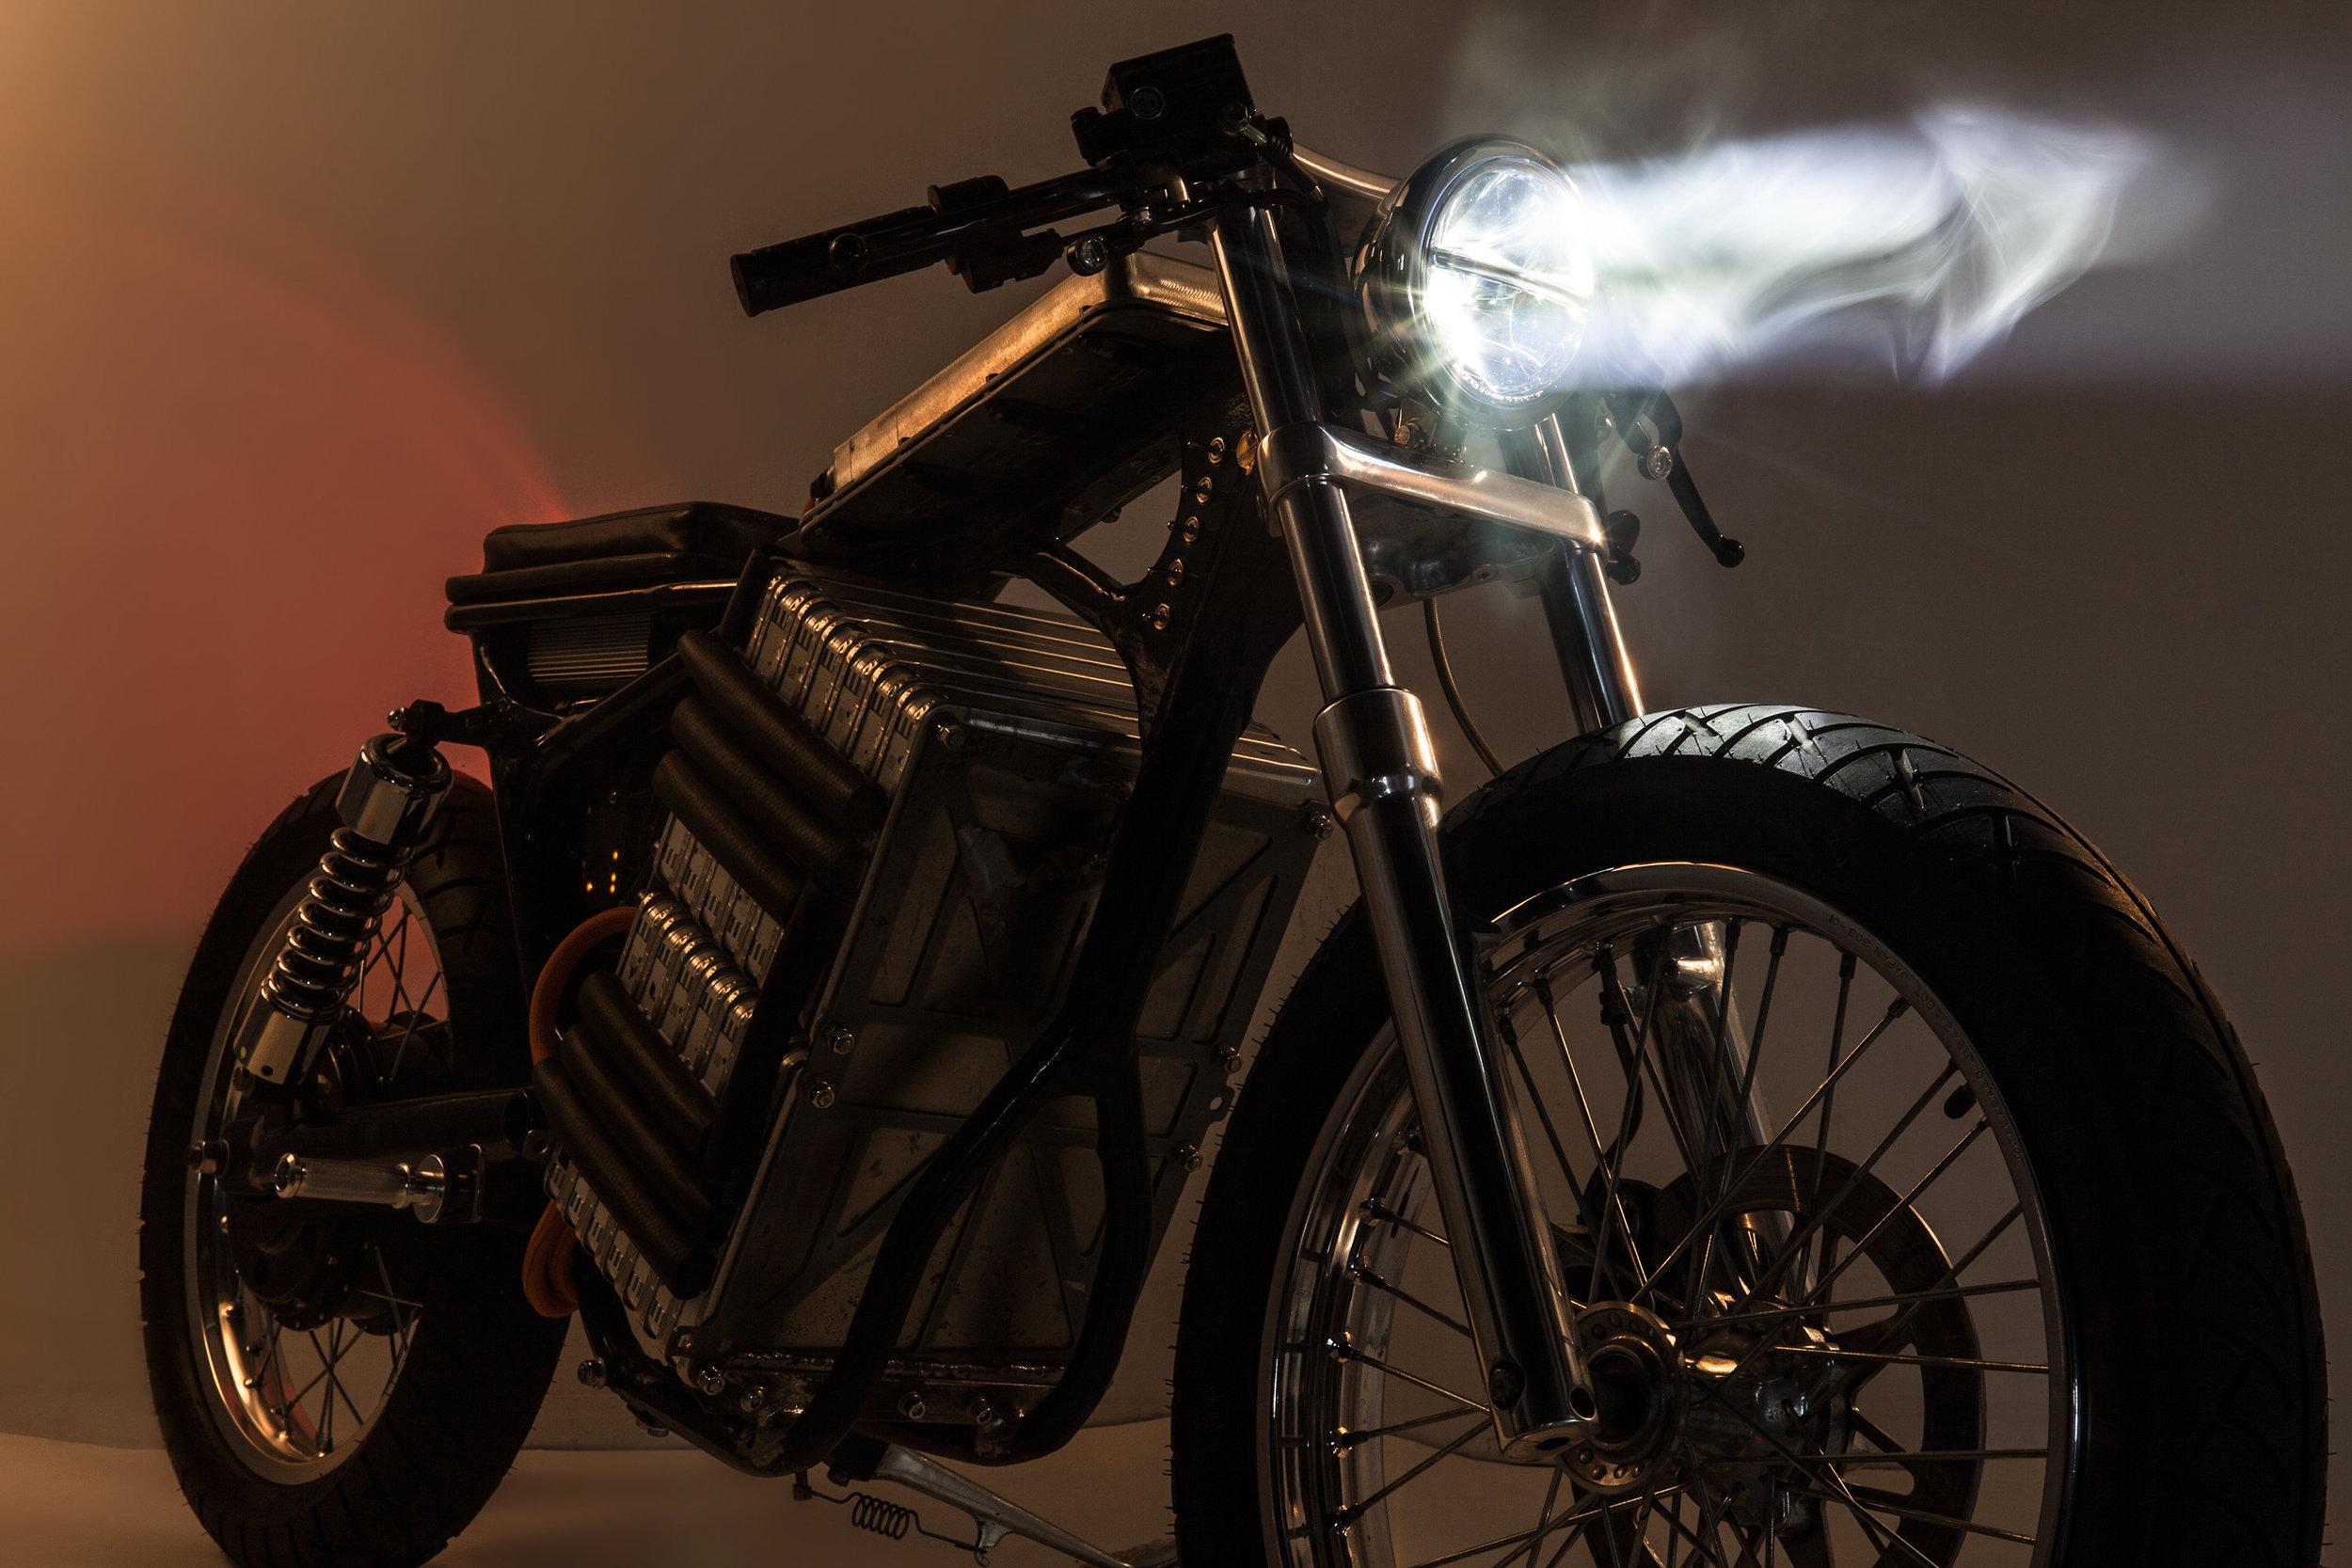 NightShiftBikes.SmokeFrontRightThreeQuarter.jpg